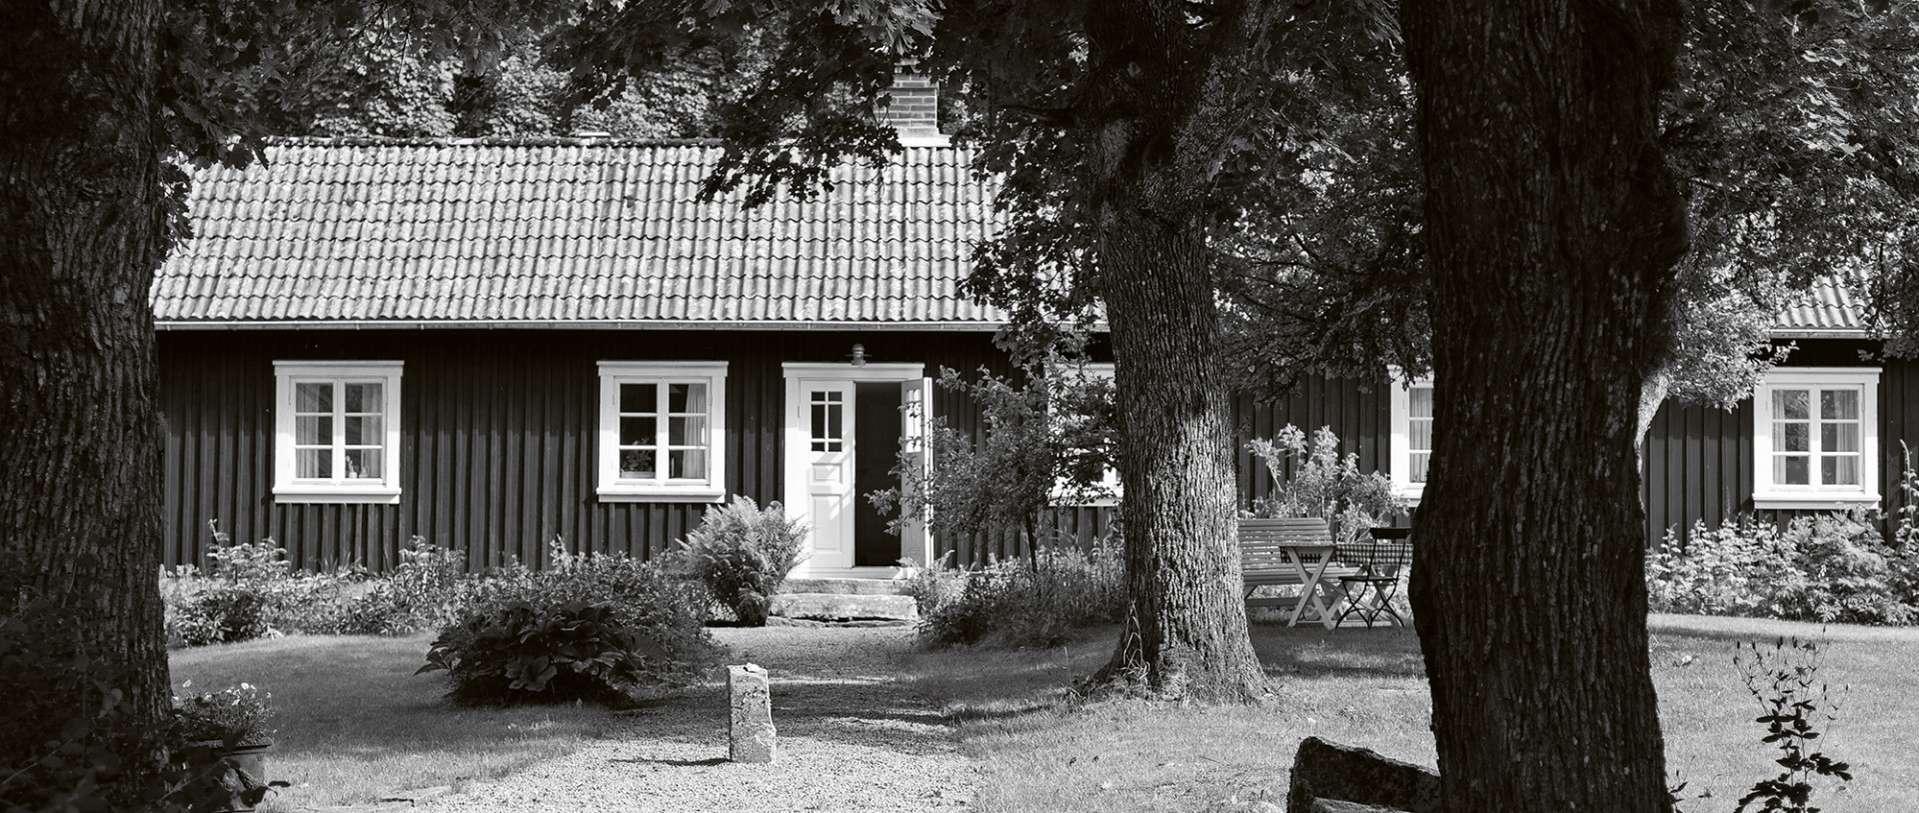 Bitterna, Sweden